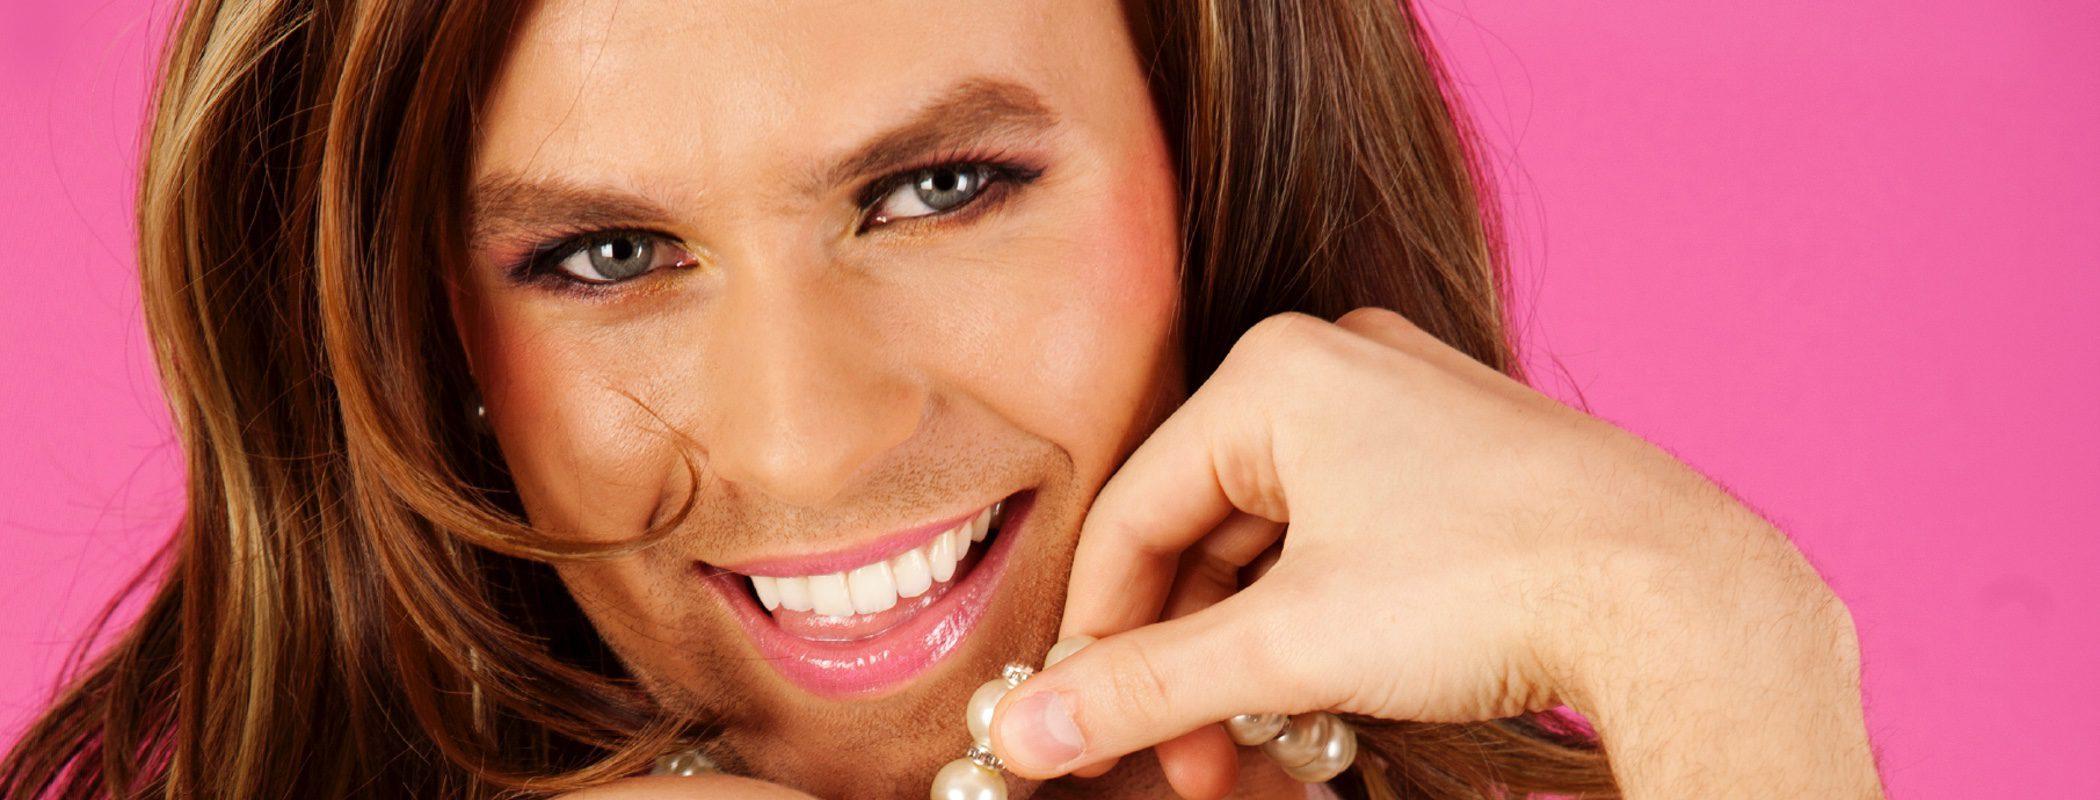 Aprende a diferenciar entre transexual y travesti